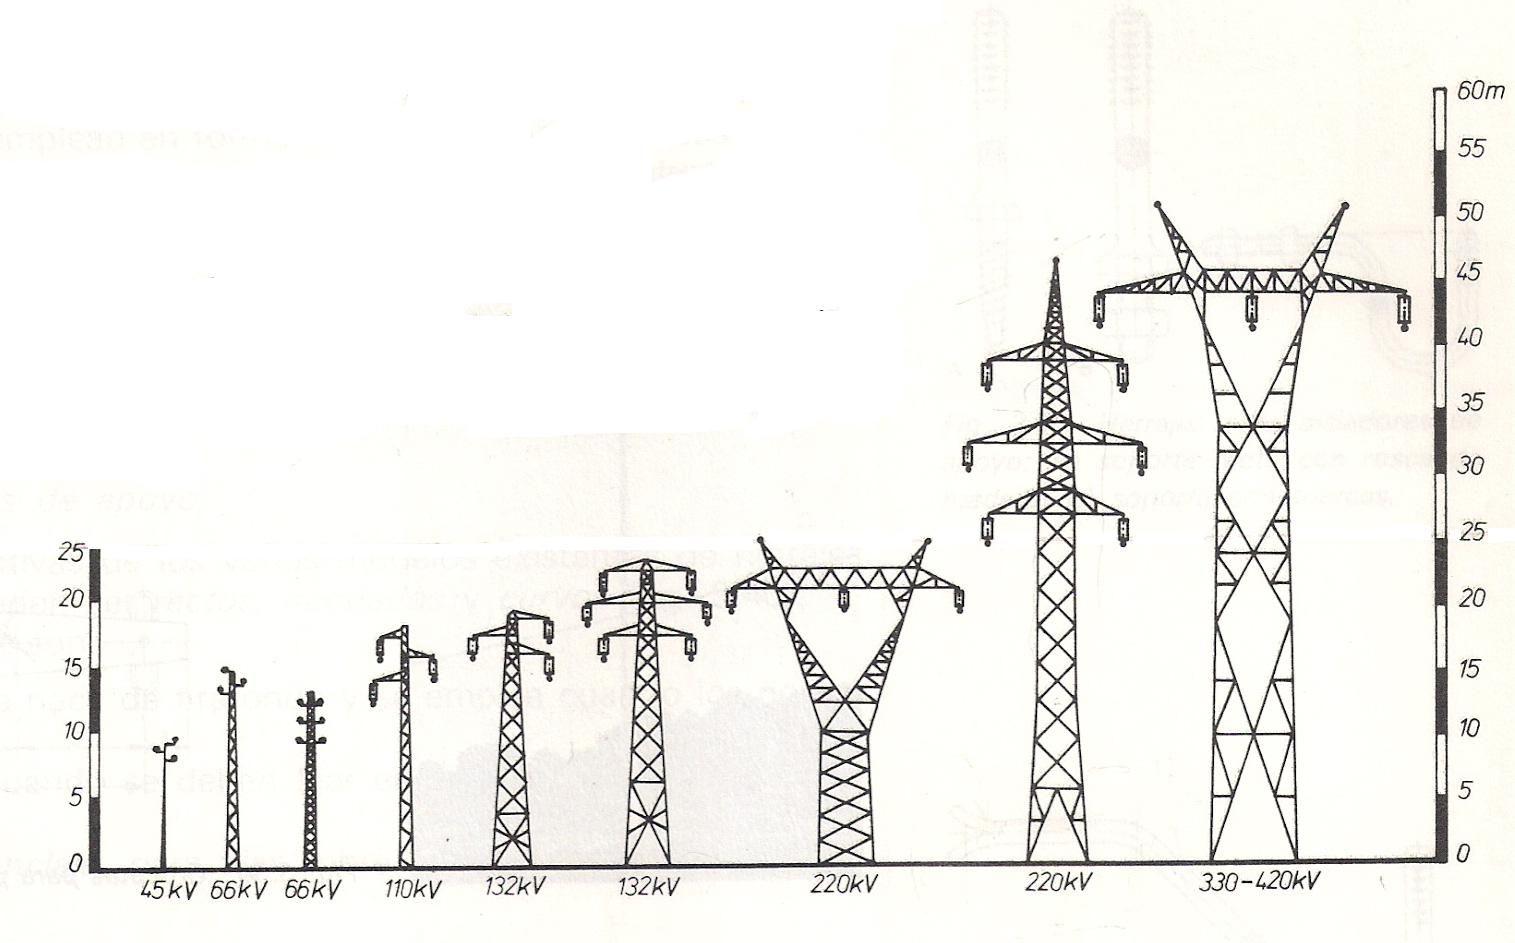 Tipos De Estructuras Para Alta Media Y Baja Tension Sector Electricidad Profesionales En Ing Torre Electrica Ingenieria Electrica Imagenes De Electricidad